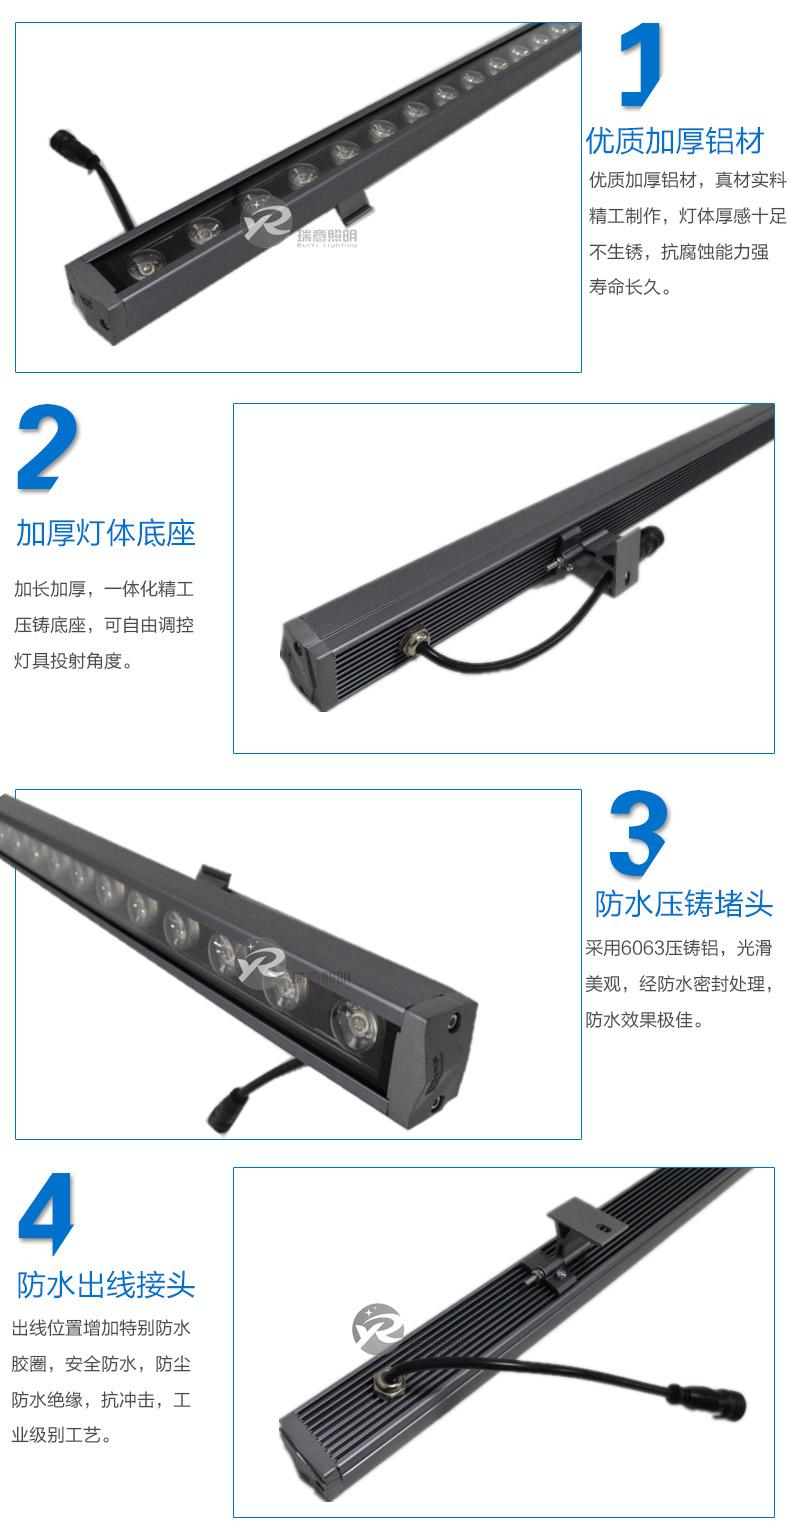 18-24W防水LED洗墙灯40*30实拍图